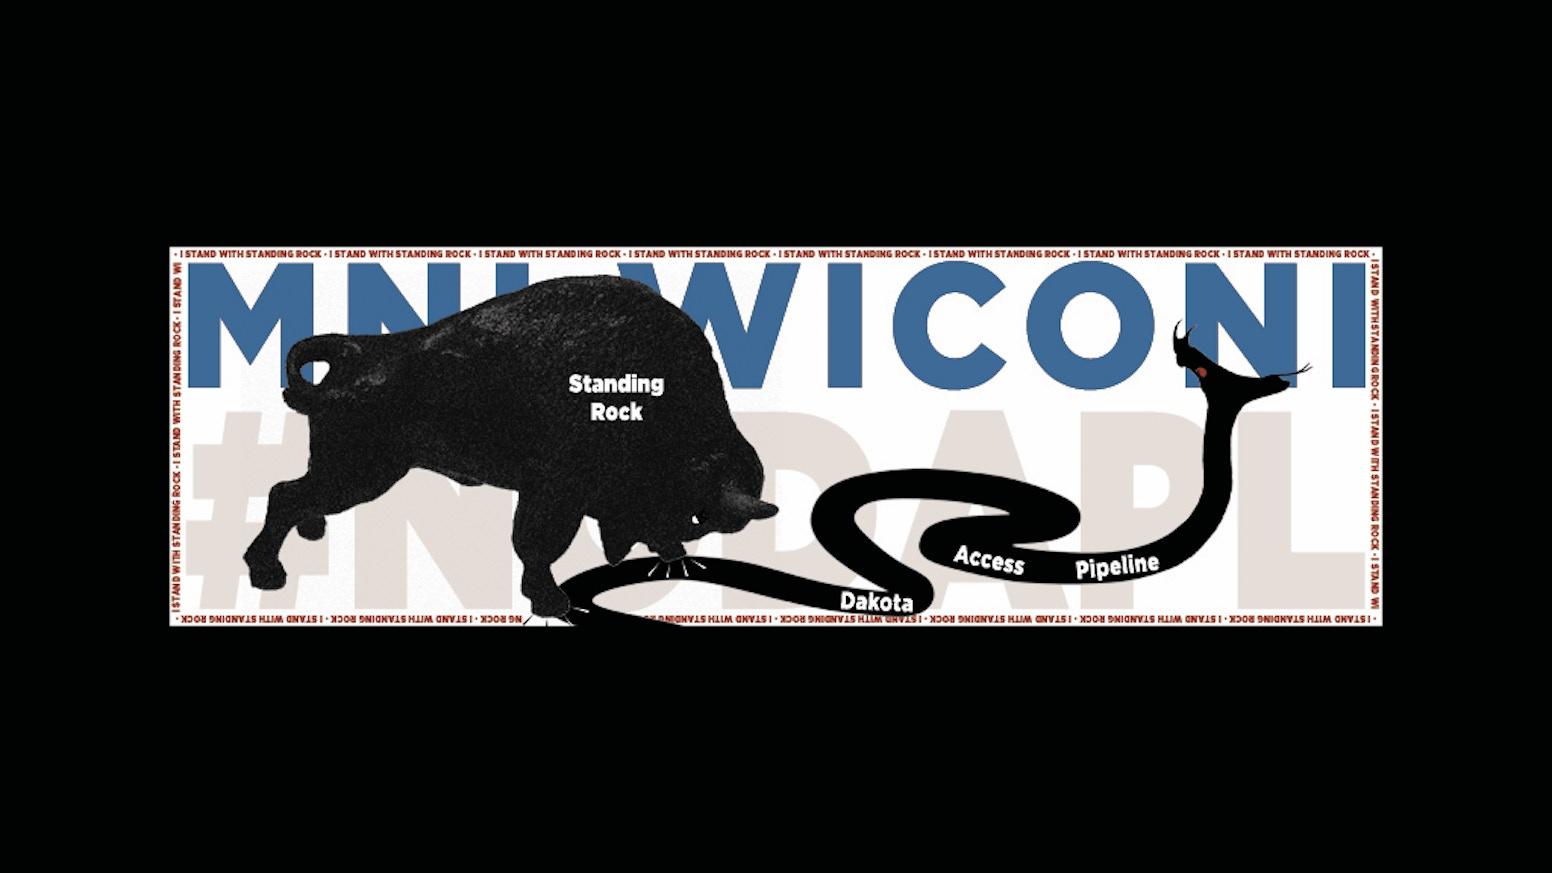 Bumper sticker creator canada - Mni Wiconi Nodapl Bumper Sticker